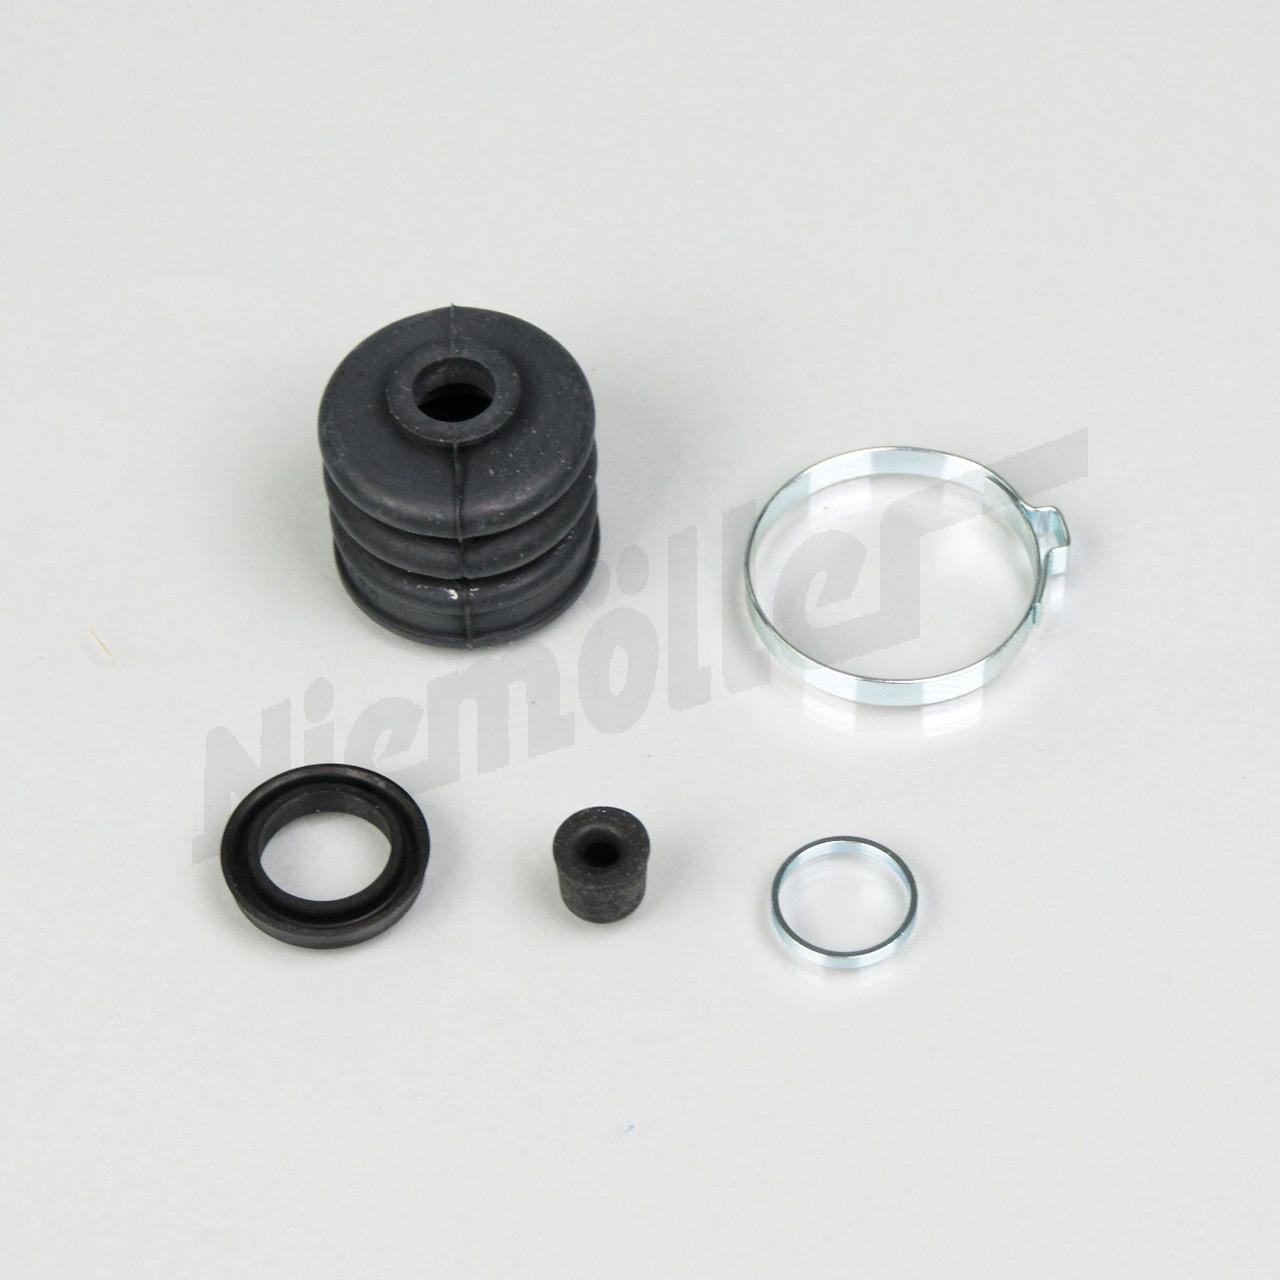 reparatursatz hydr kupplung 250s mercedes benz w108 niem ller. Black Bedroom Furniture Sets. Home Design Ideas